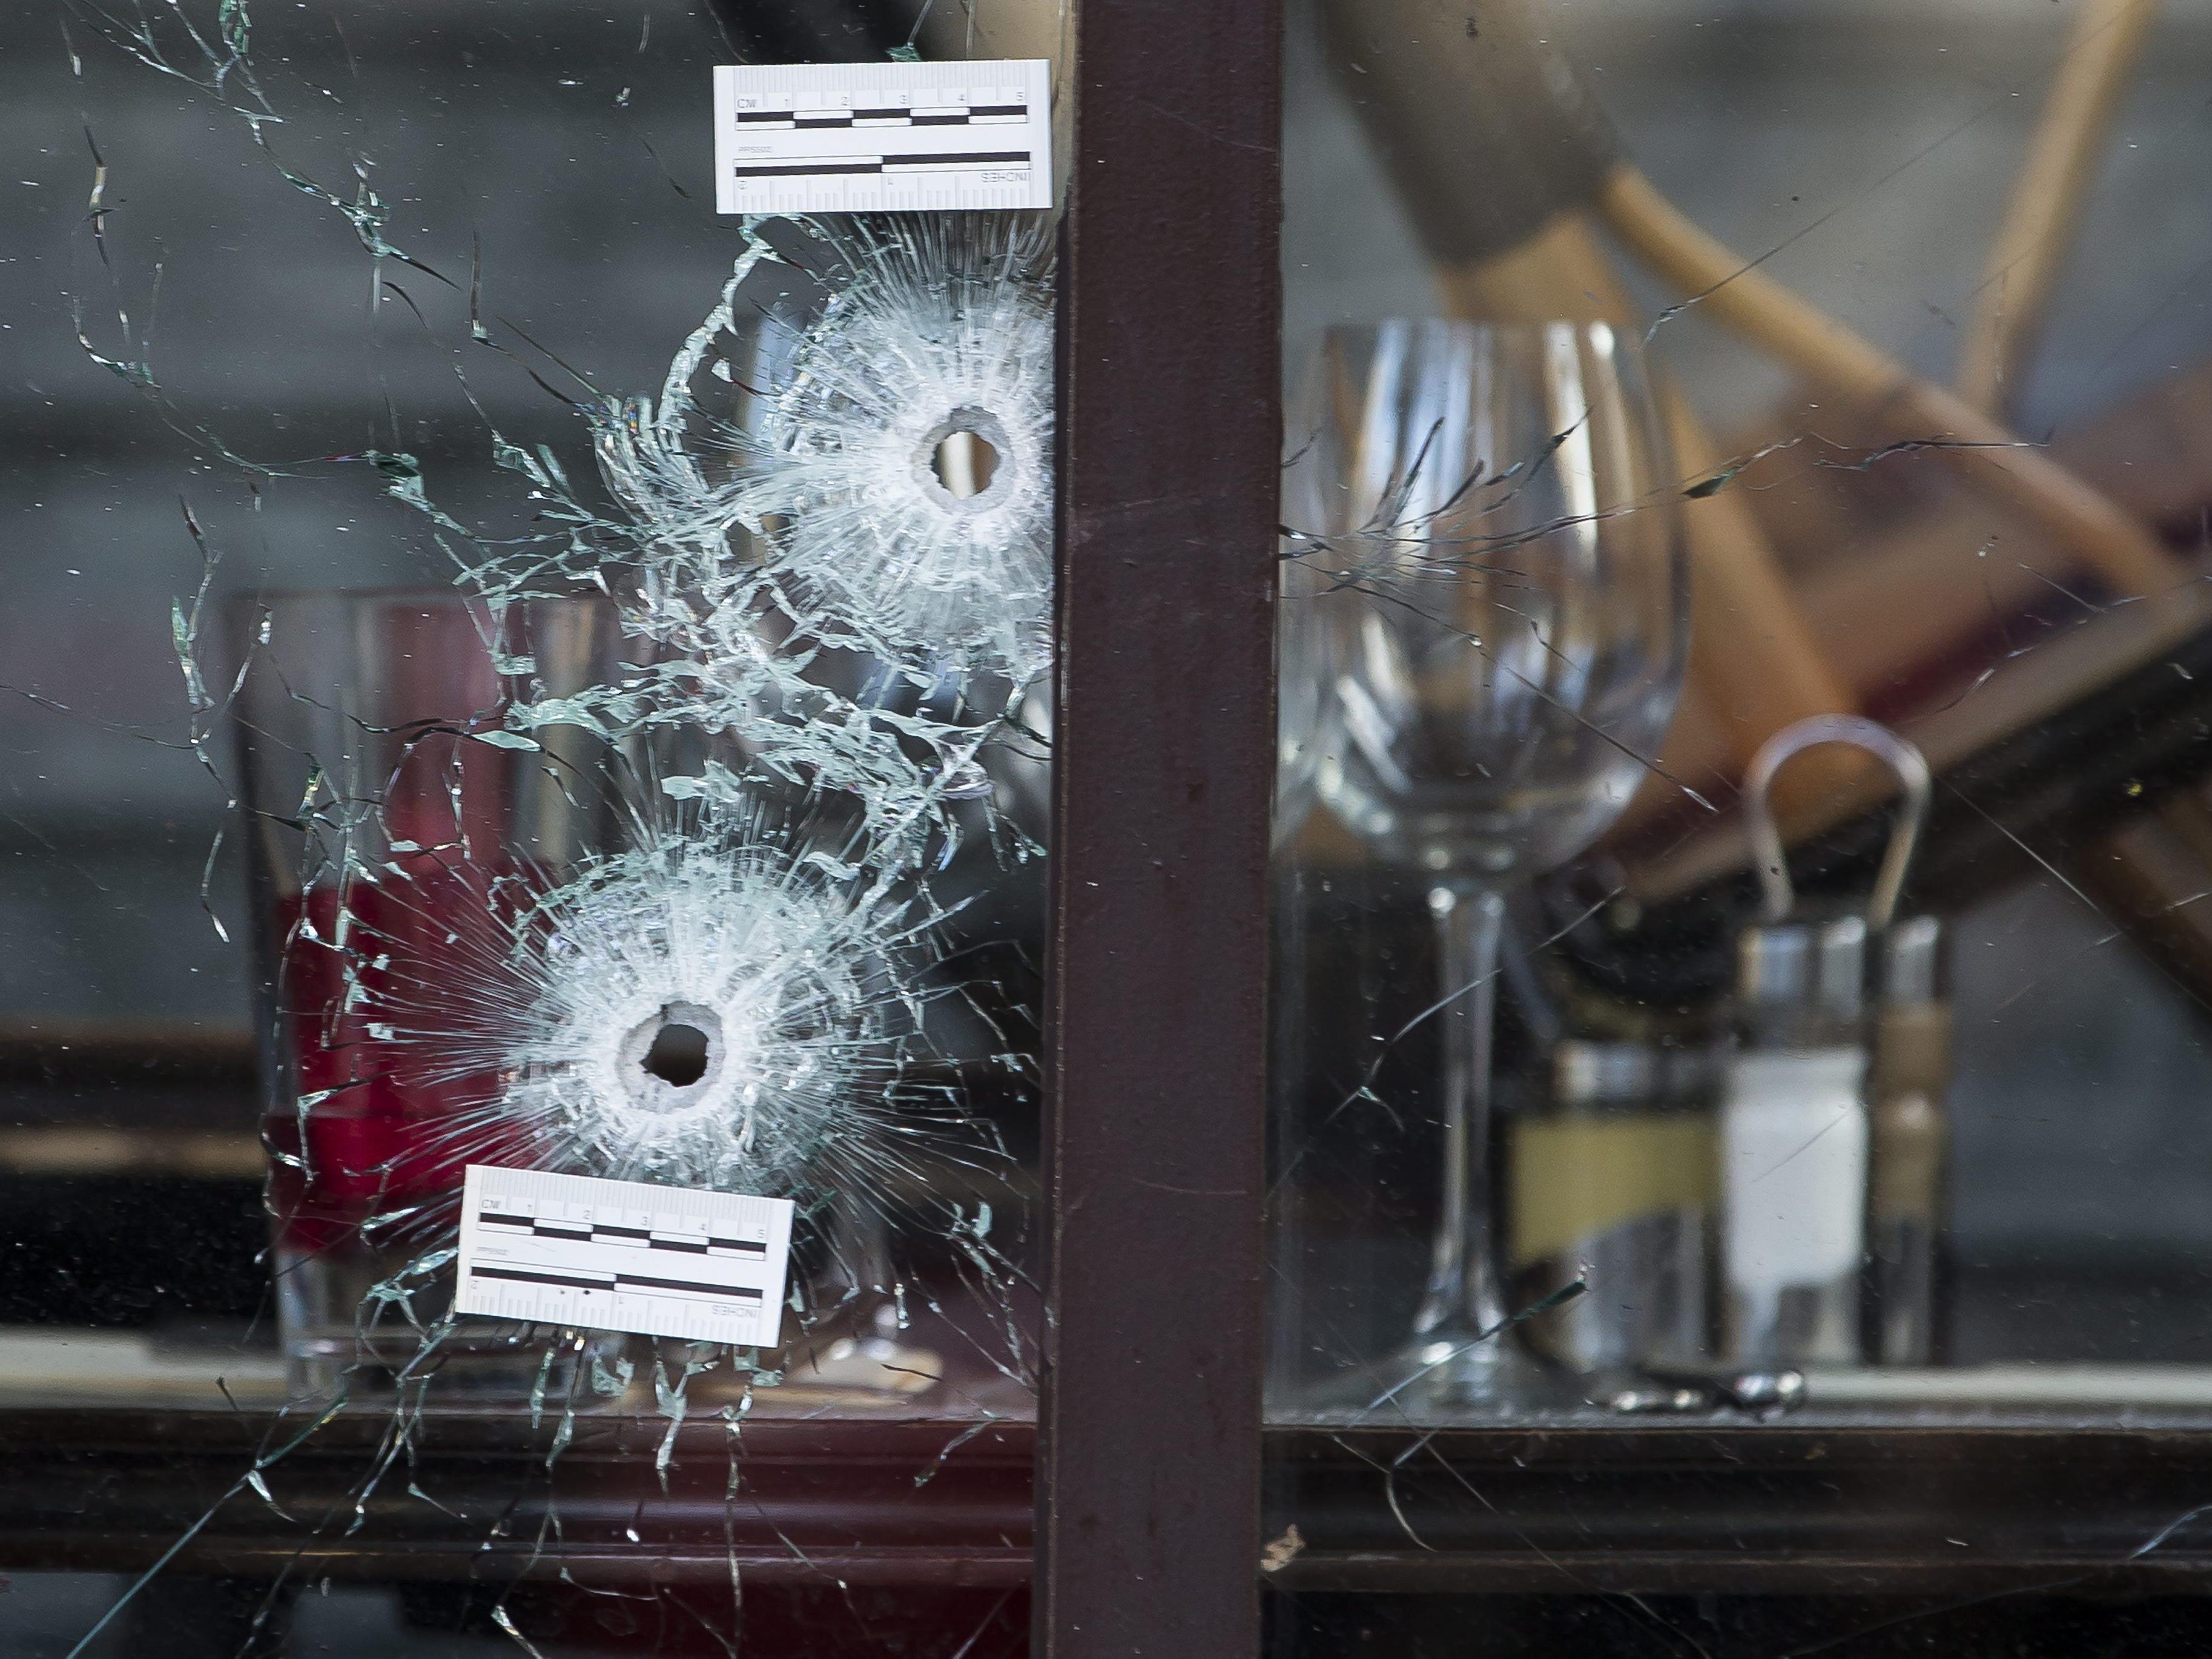 Waffenhändler aus Deutschland verhaftet - Bezüge zu Terror in Paris?